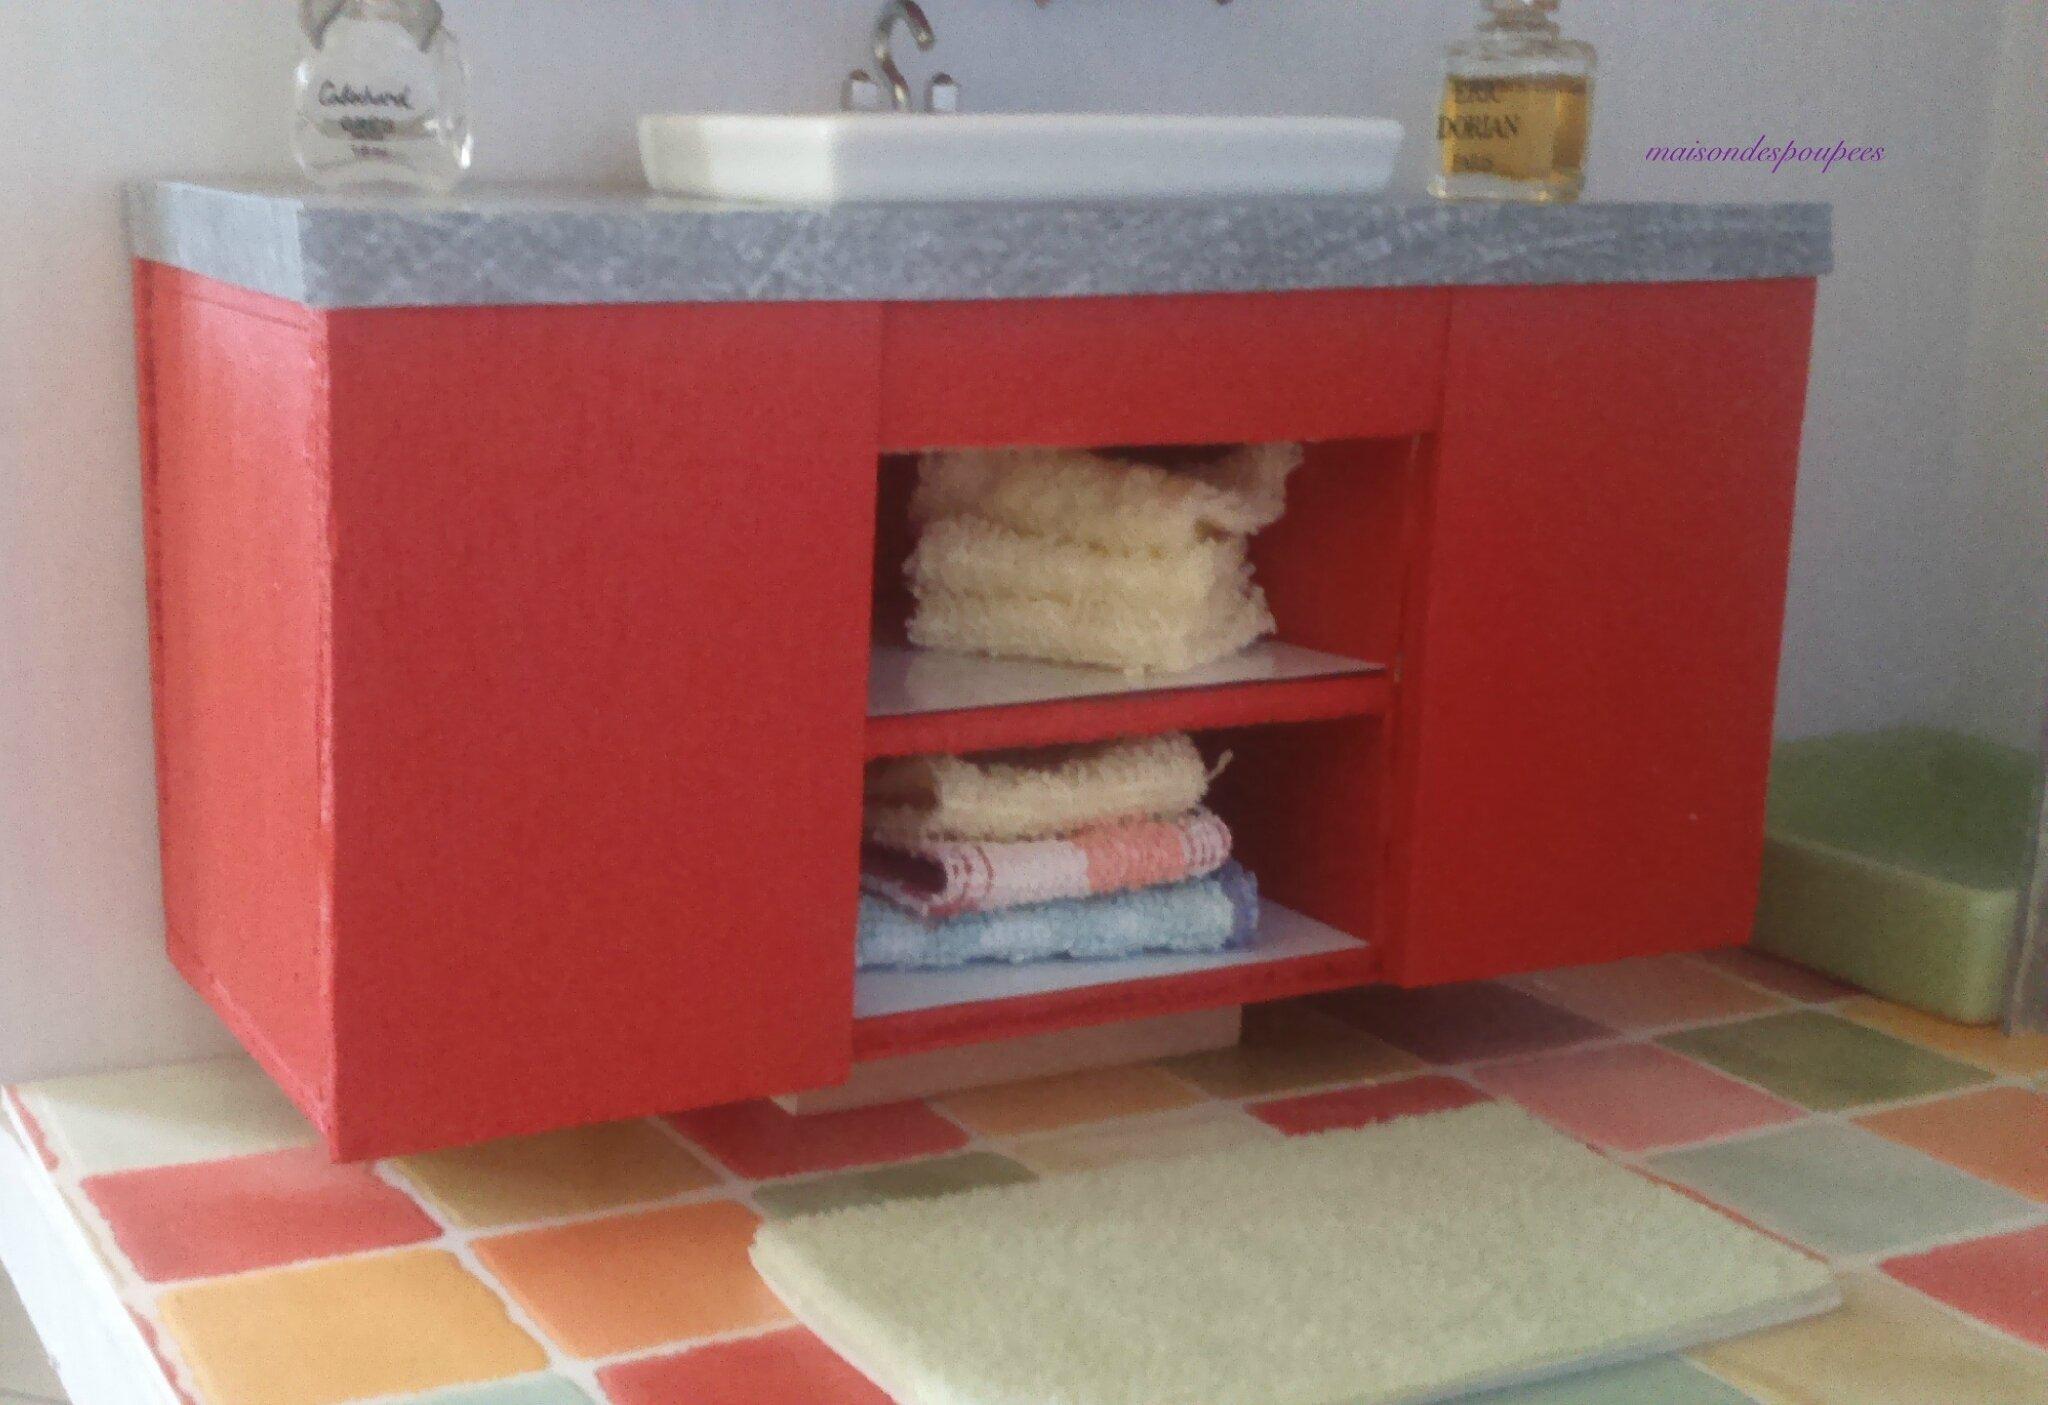 la salle de bains des barbie la maison des poup es. Black Bedroom Furniture Sets. Home Design Ideas